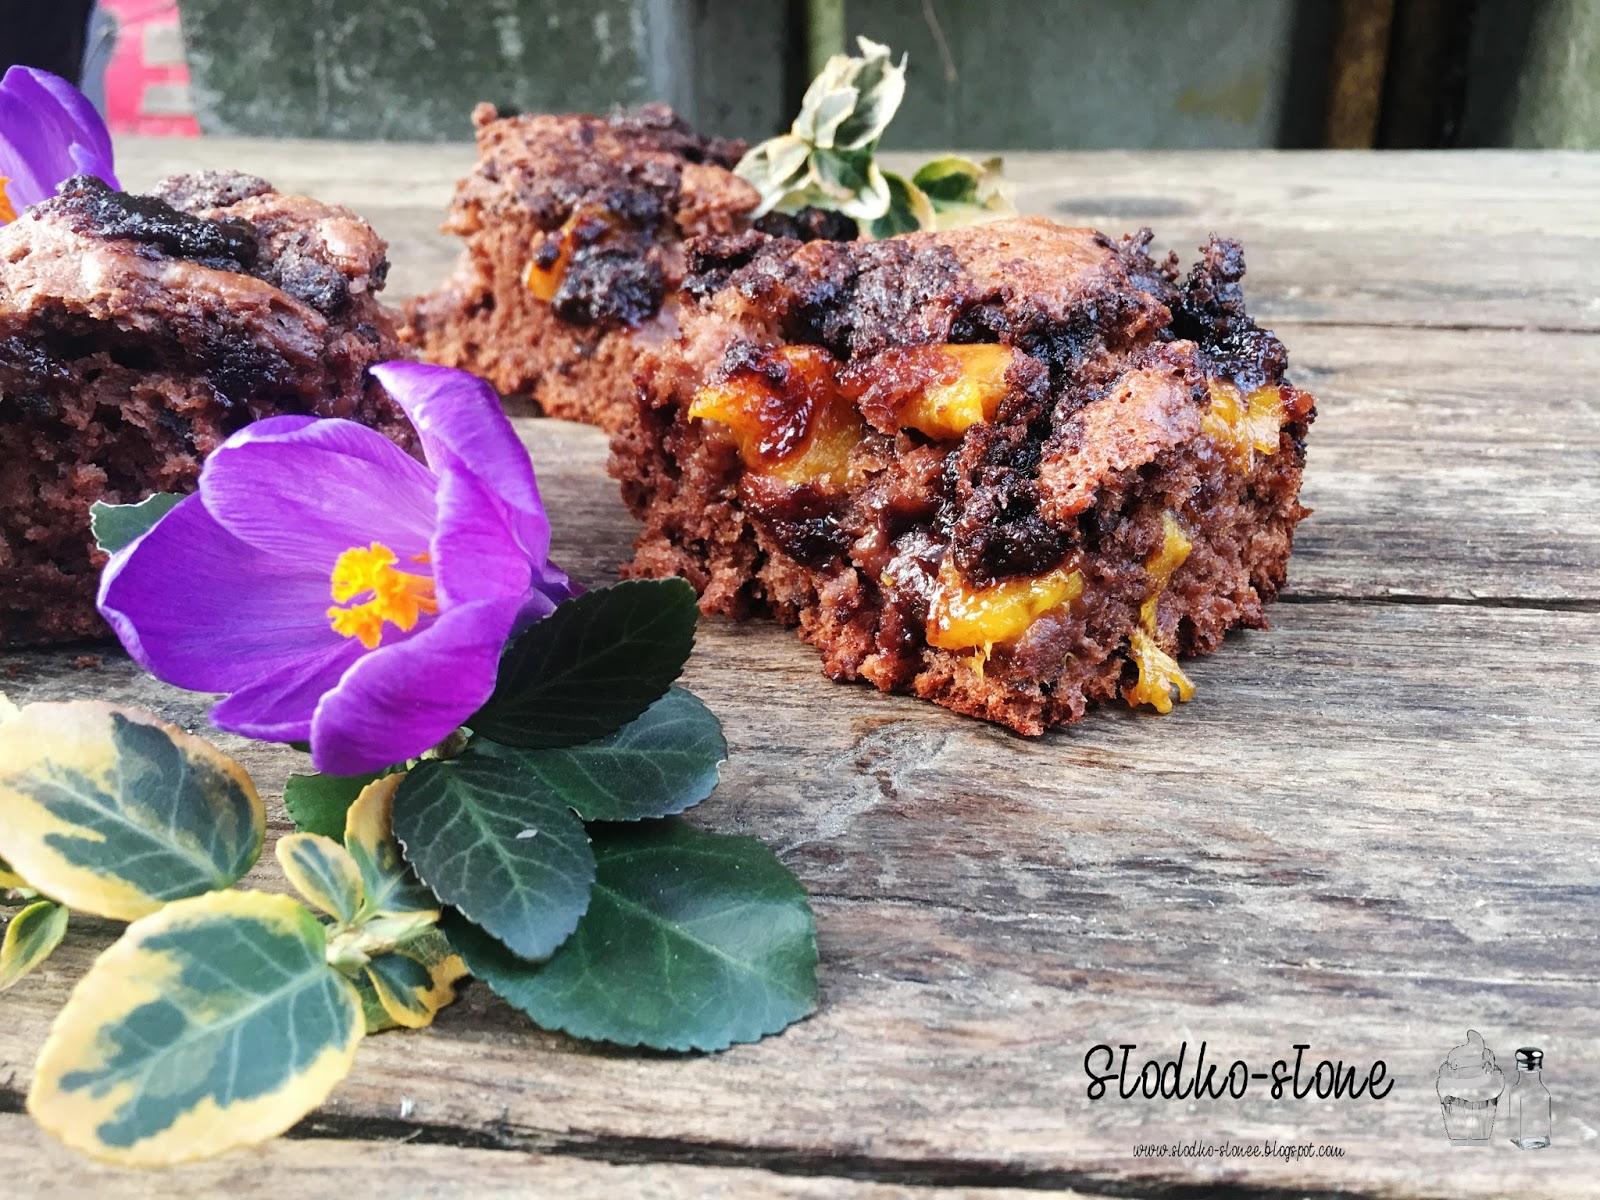 Brzoskwiniowy brzydal, czyli kakaowa drożdżówka z brzoskwiniami